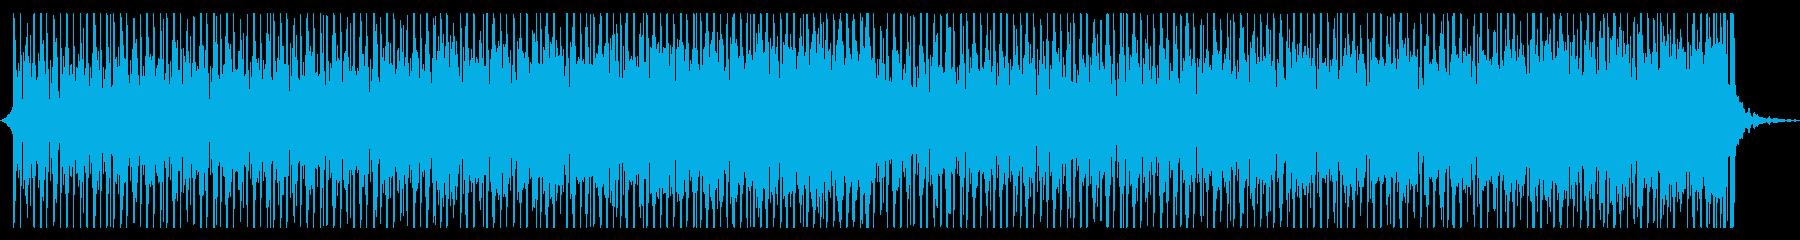 エレクトロなシンキングタイムの再生済みの波形